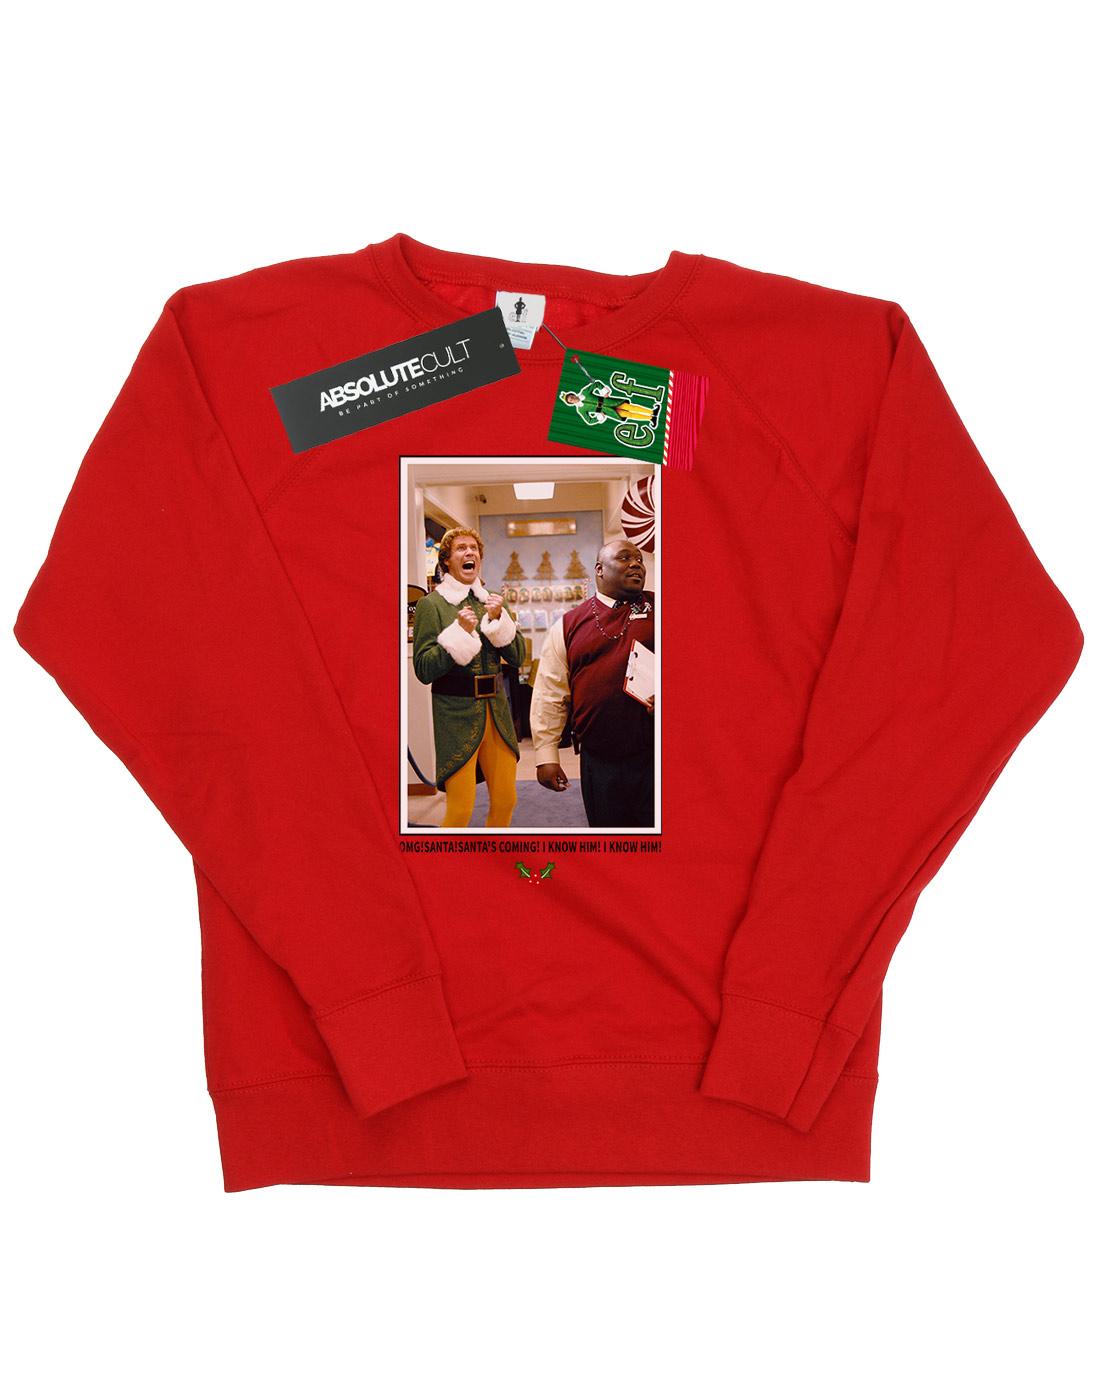 Elf Damen OMG Santa Santa Santa Photo Sweatshirt | Stabile Qualität  | Geeignet für Farbe  | Um Eine Hohe Bewunderung Gewinnen Und Ist Weit Verbreitet Trusted In-und   | Langfristiger Ruf  | Gute Qualität  0840bd